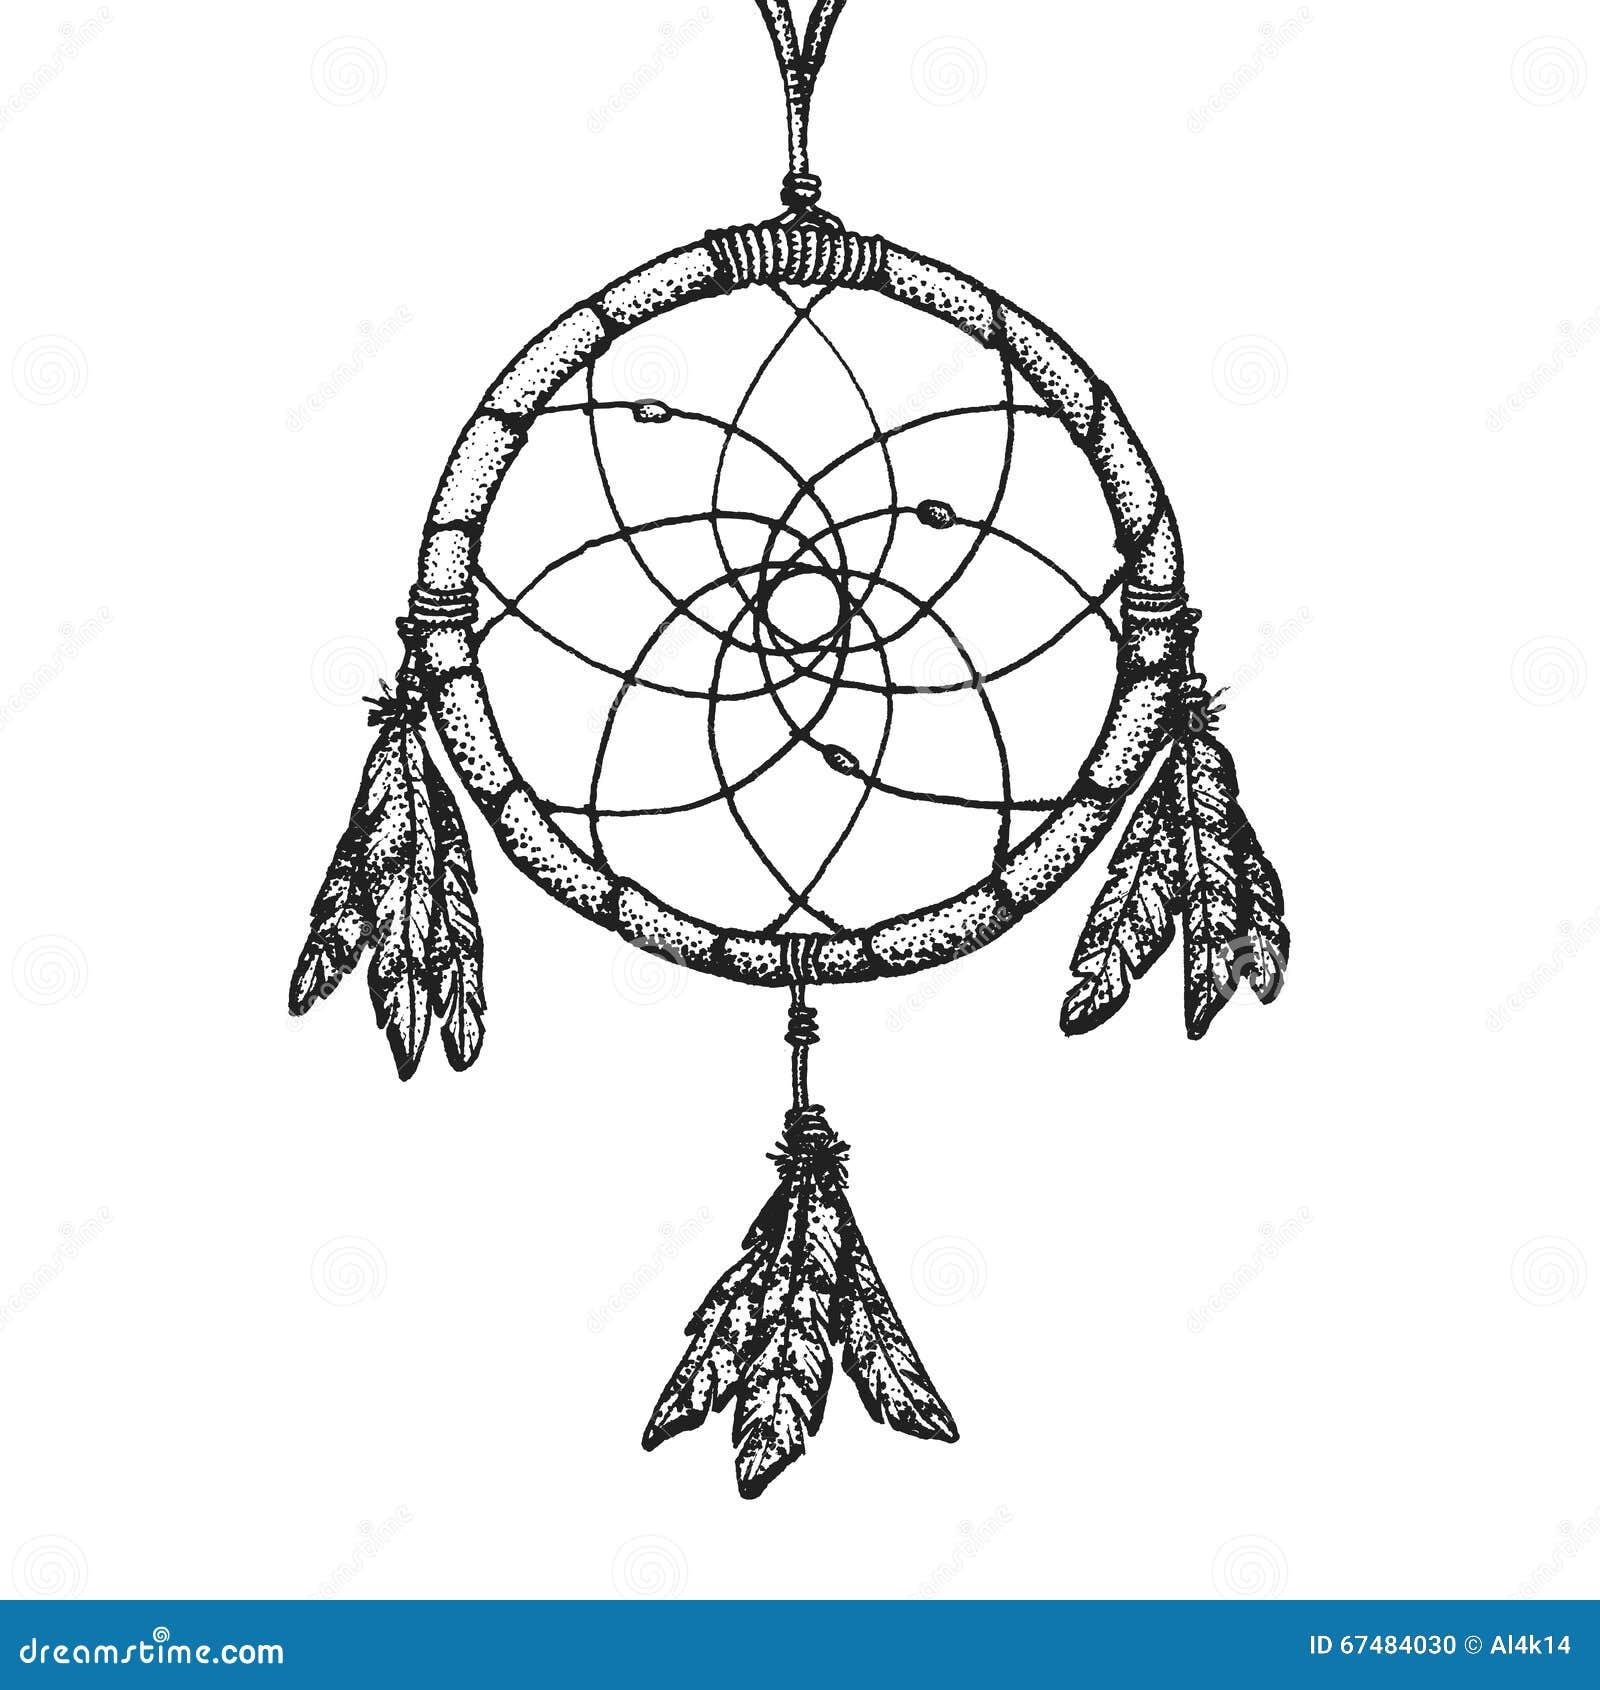 2666da6dc Vector black color monochrome dotted art retro tattoo gravure style native  american dream catcher isolated decorative element realistic illustration  white ...